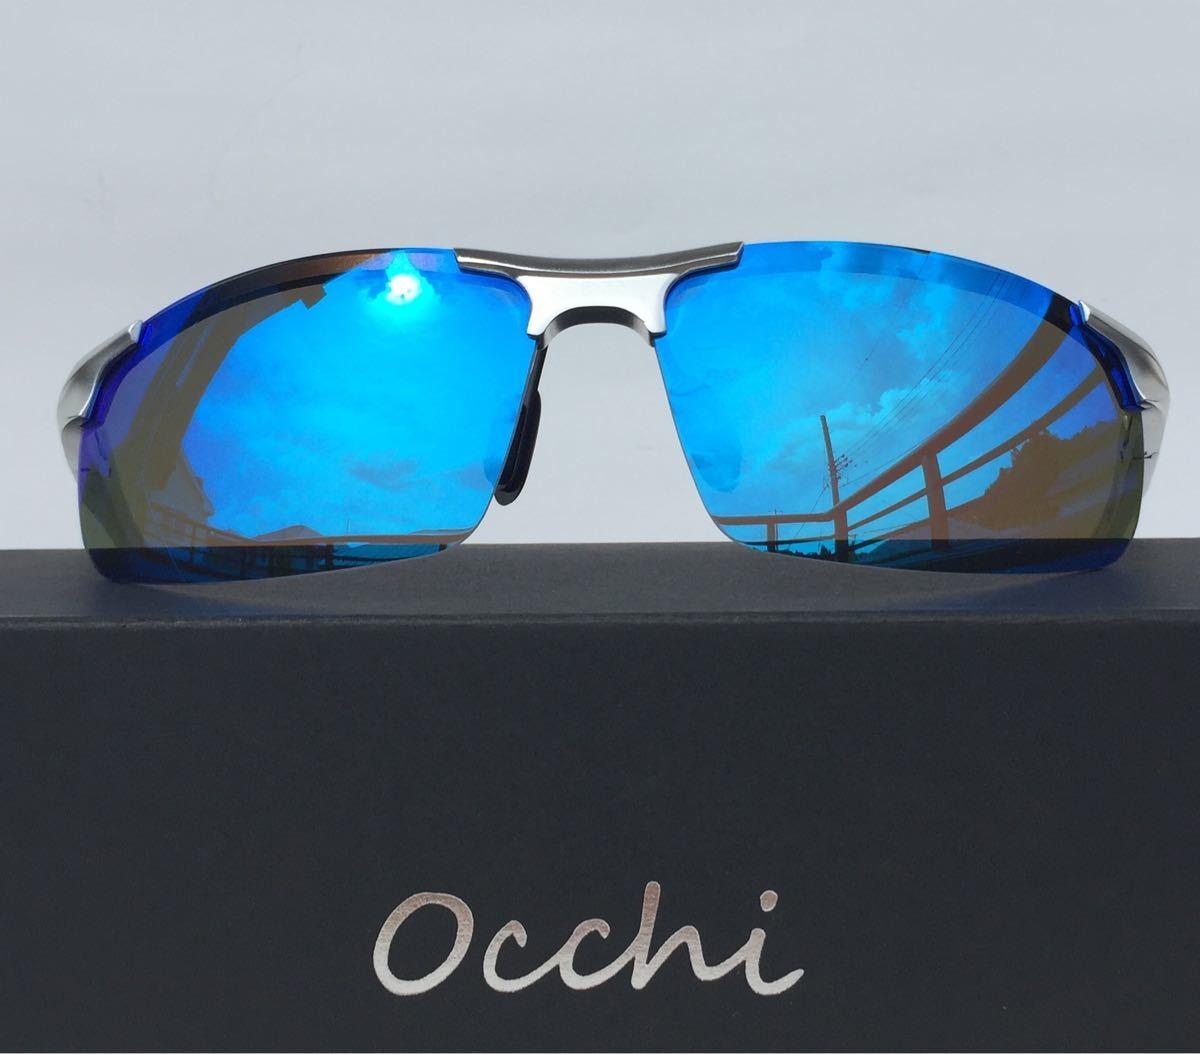 新品 OCCHI 偏光サングラス レンズUV400 軽量  ブルーミラー